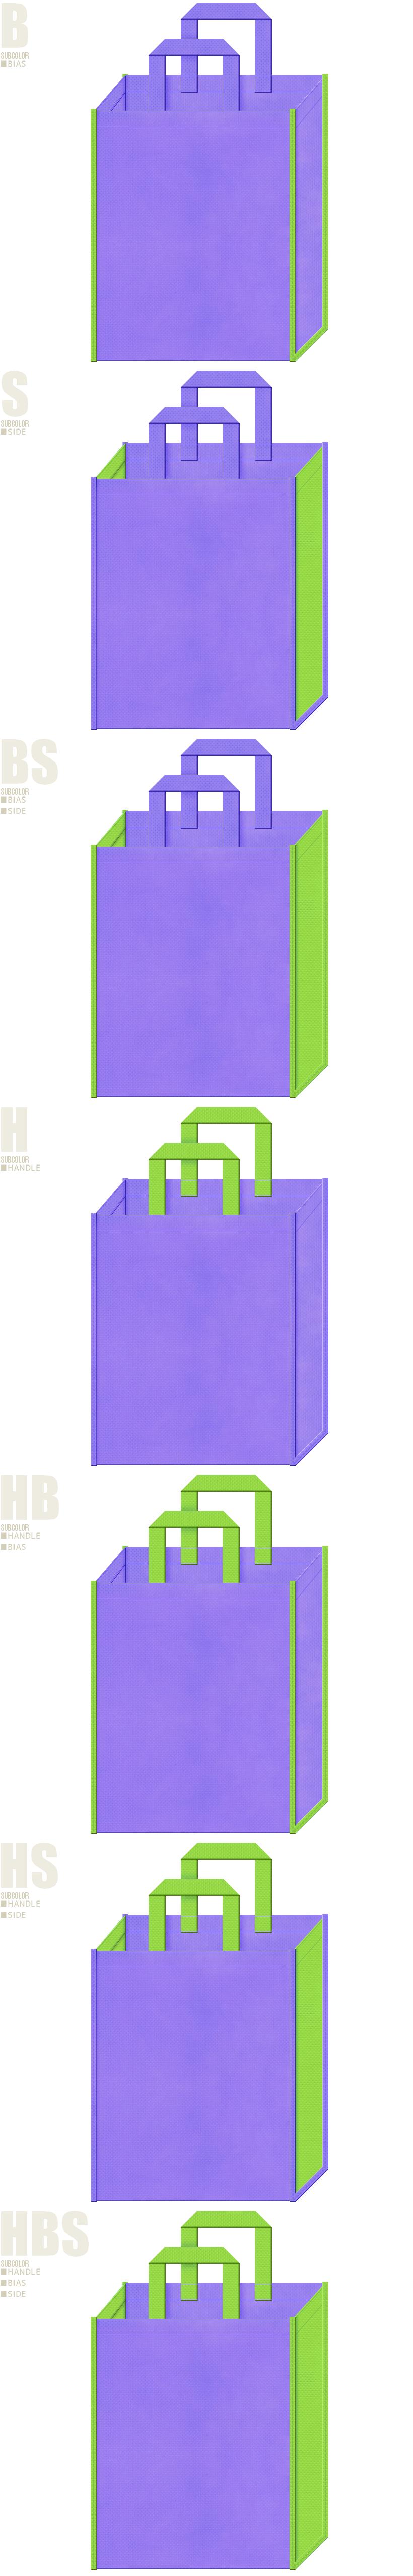 カキツバタ・藤・アサガオ・あじさい・介護用品・介護施設にお奨めの不織布バッグデザイン:薄紫色と黄緑色の配色7パターン